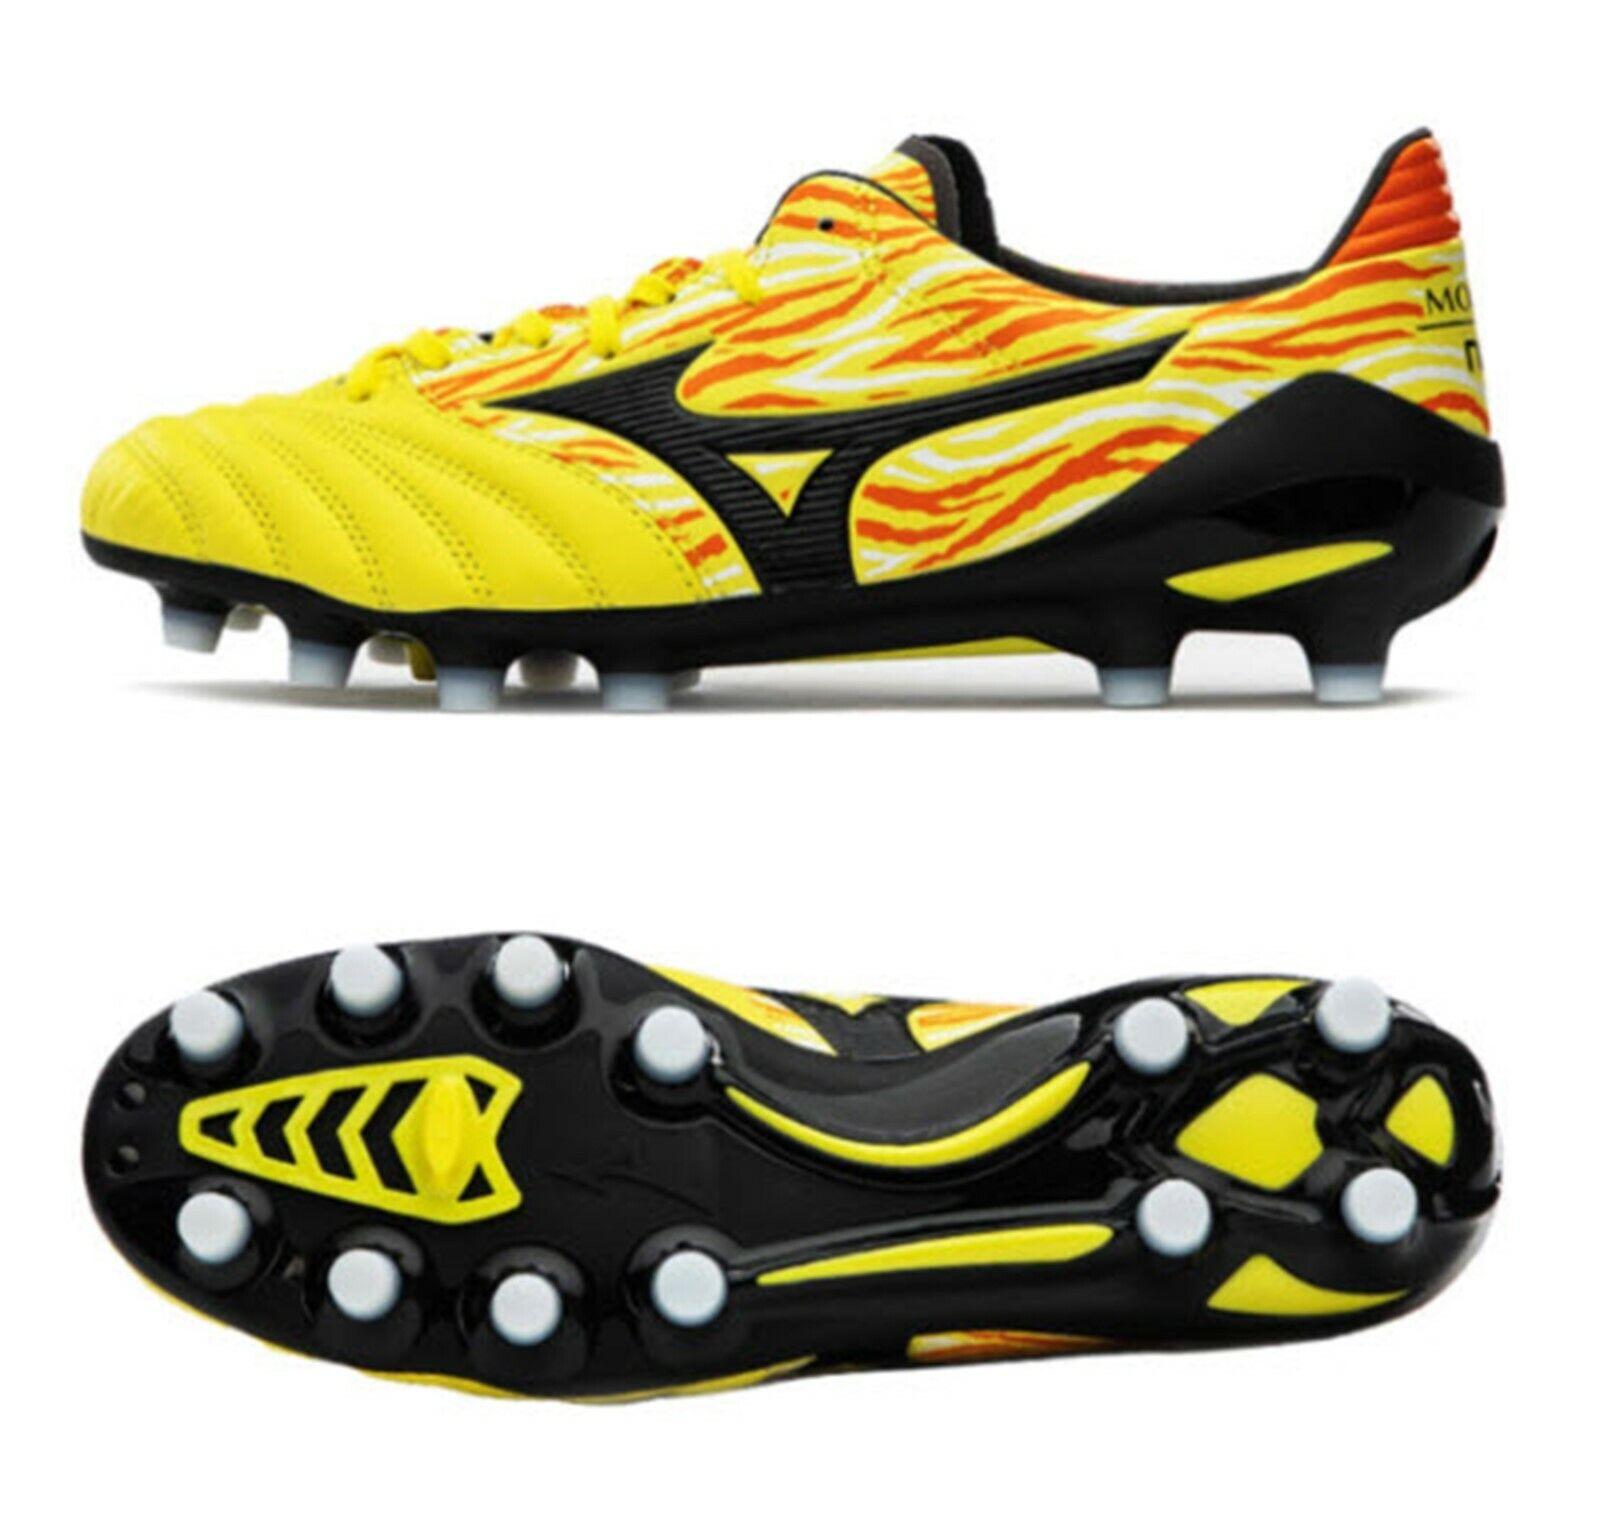 Hombre Mizuno Morelia Neo 2 MD Botines De Fútbol Zapatos de fútbol de pico amarillo P1GA195345